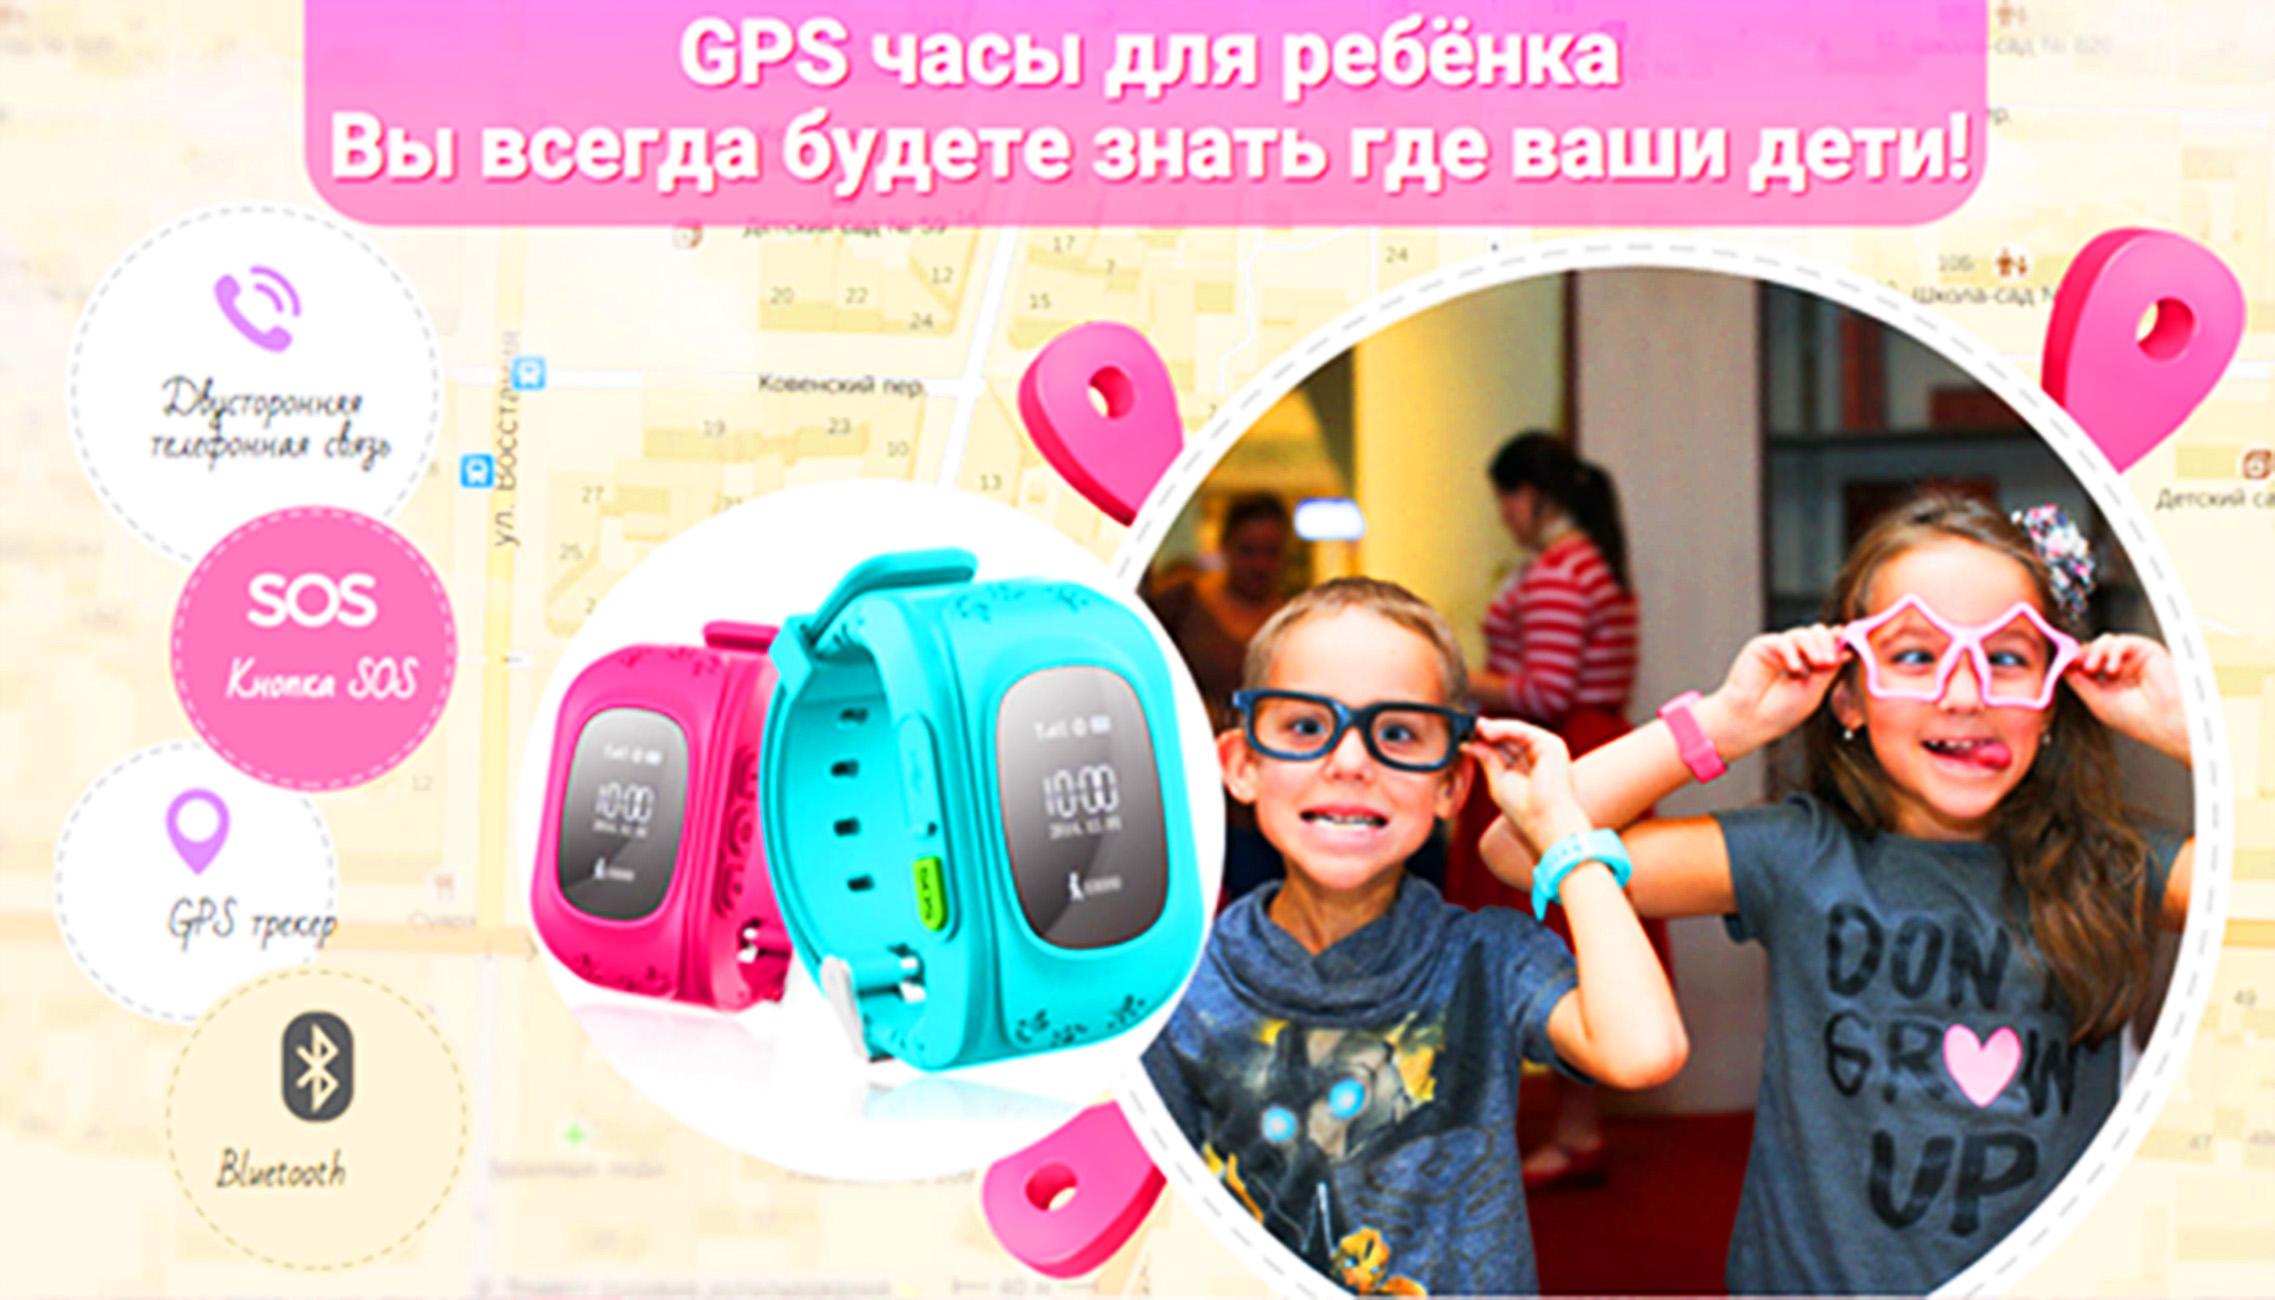 Детские часы с GPS навигатором, товар для продажи через рекламу Фейсбук